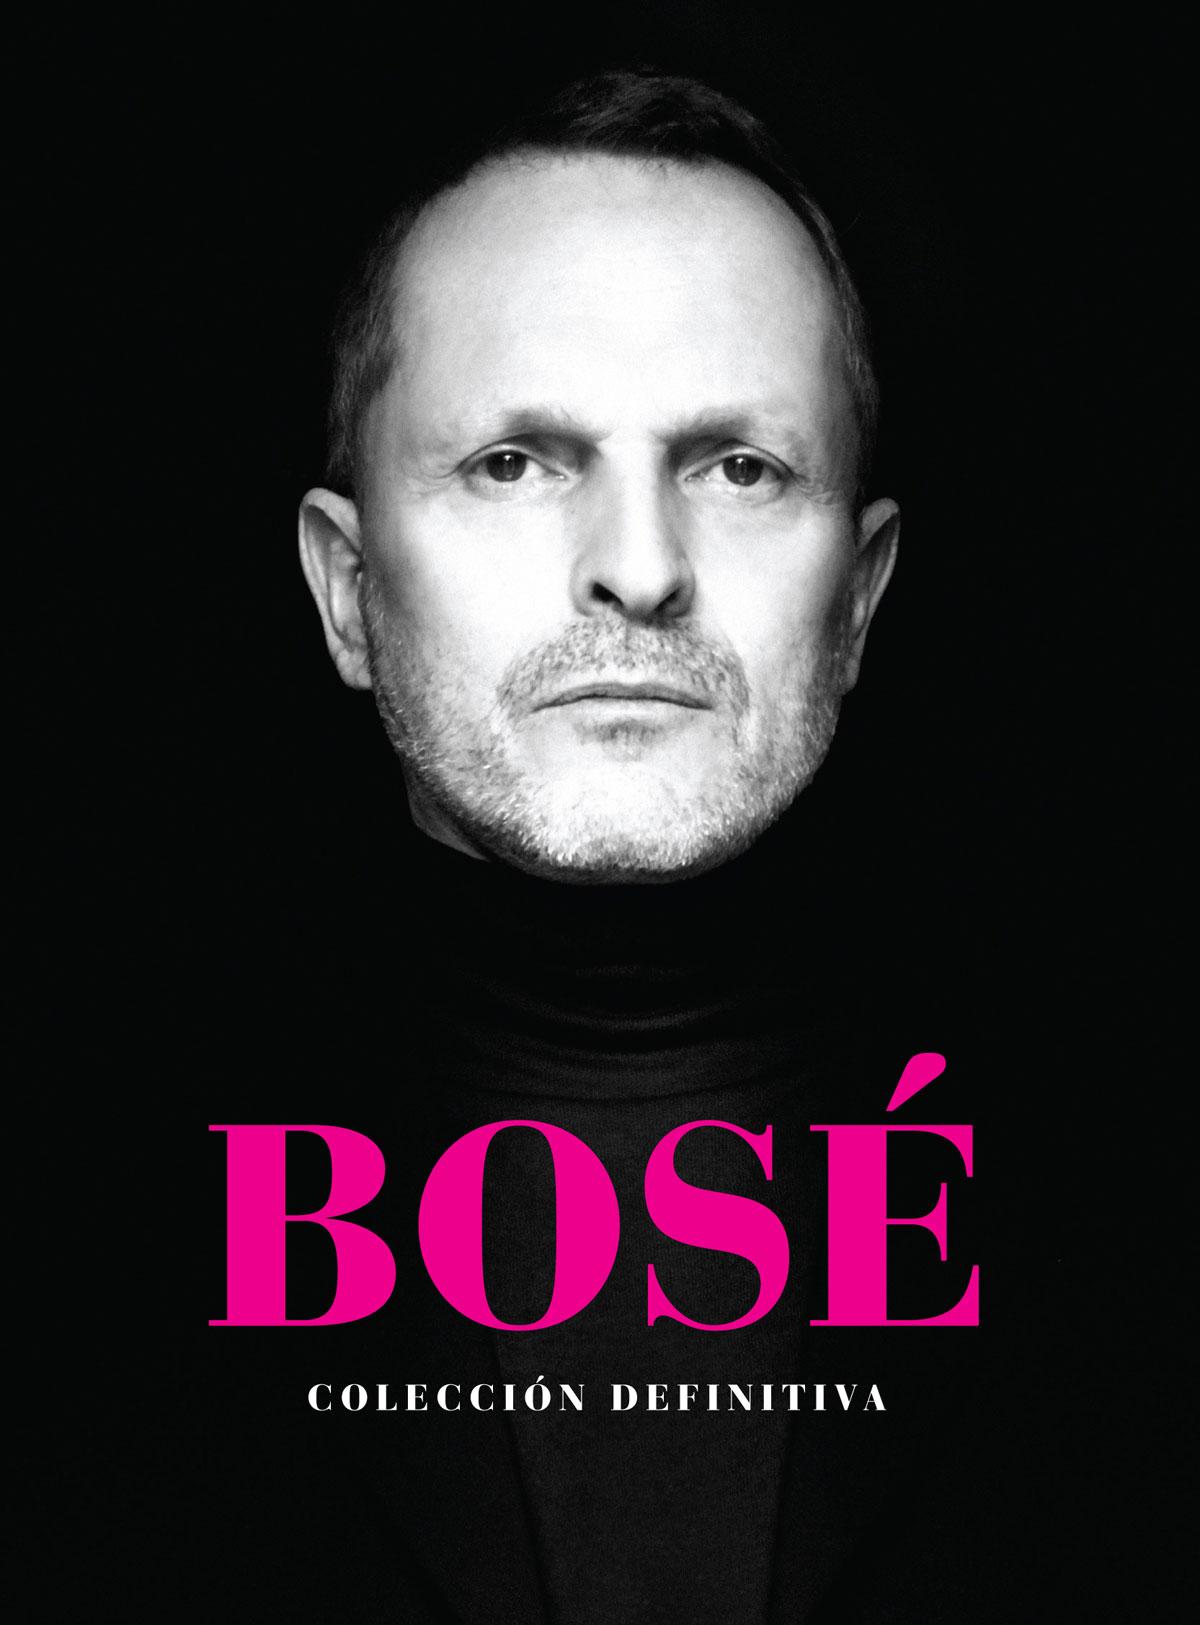 Miguel bos coleccin definitiva la portada del disco - Casa de miguel bose ...